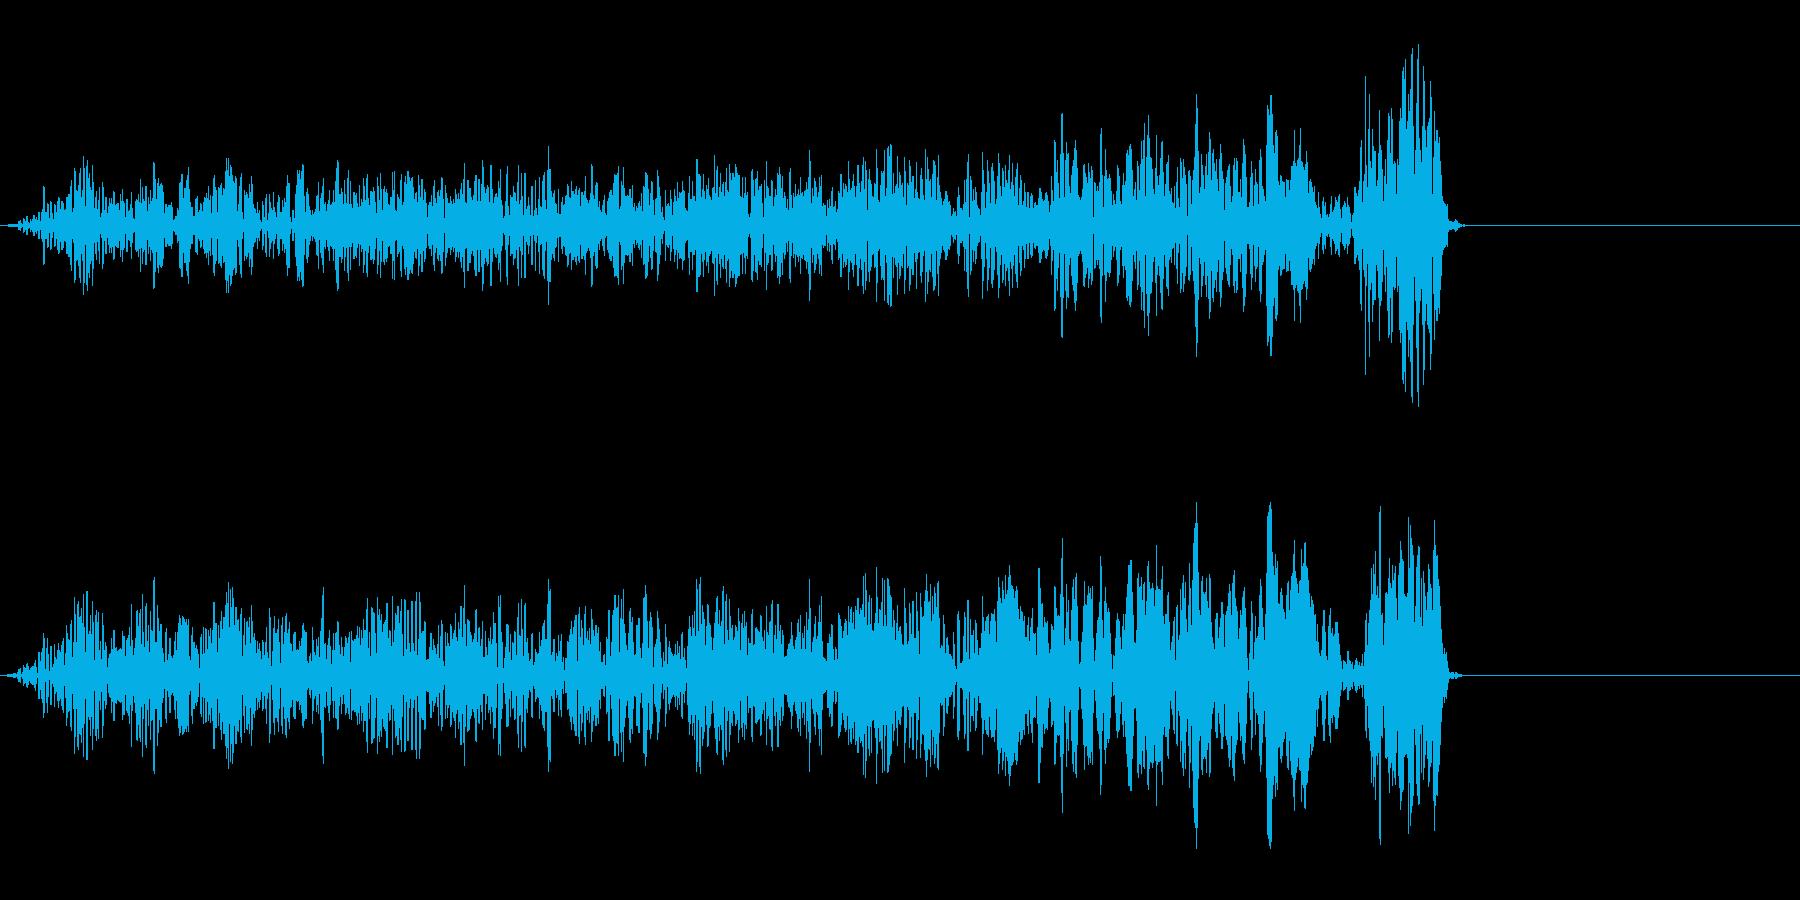 ウゴゴゴゴッ (蠢く音)の再生済みの波形